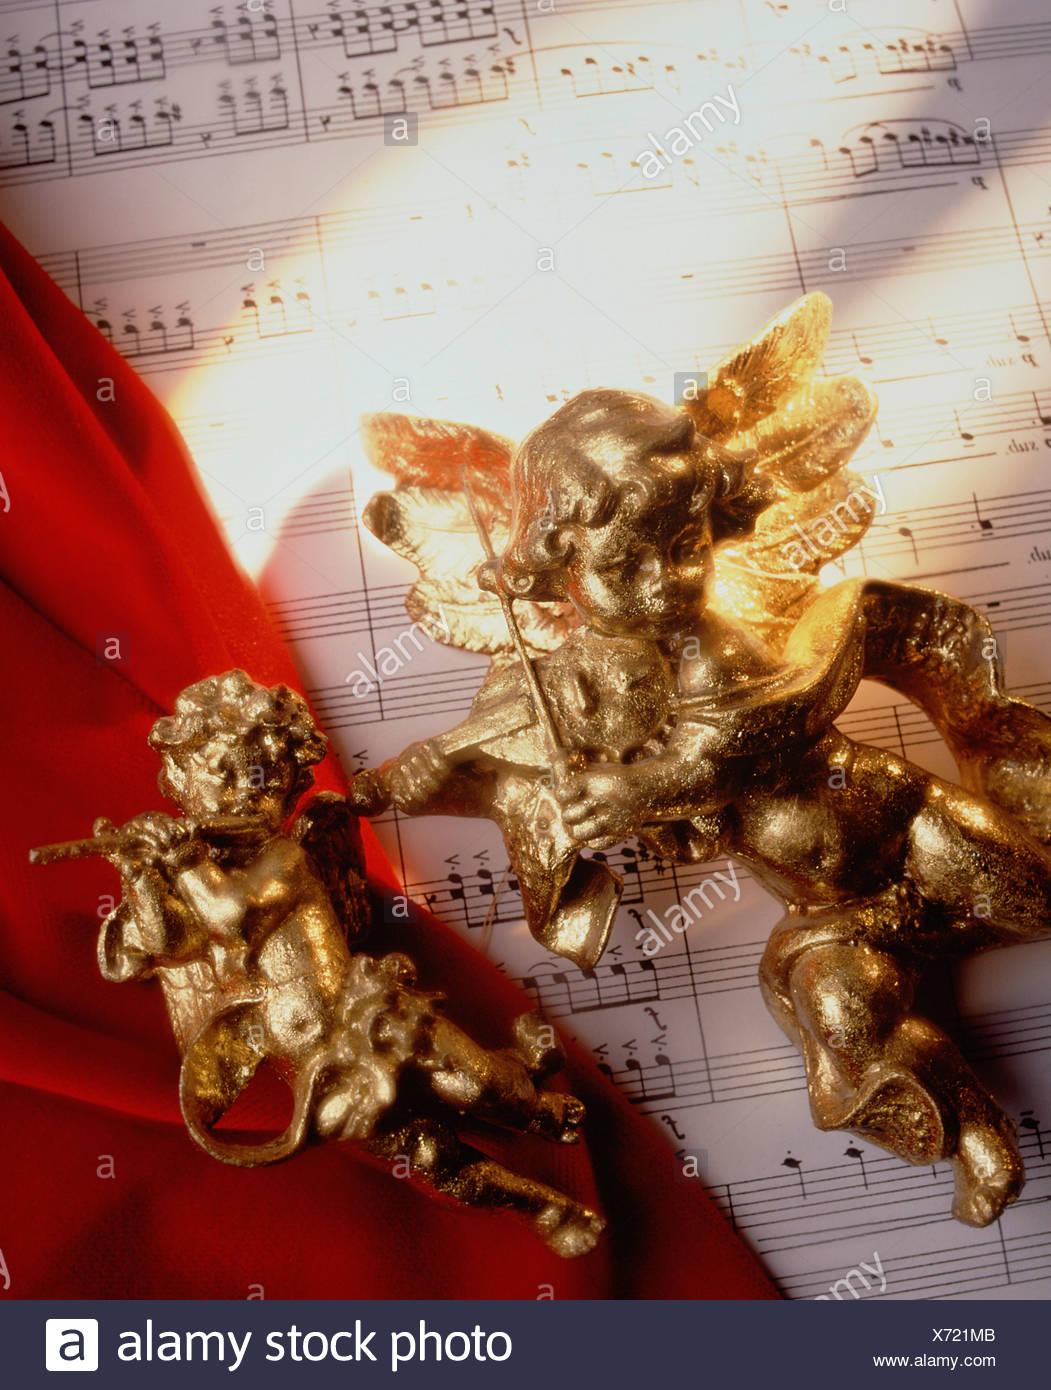 Immer noch leben. Musik Konzept mit Noten und golden Cherub zahlen. Stockbild